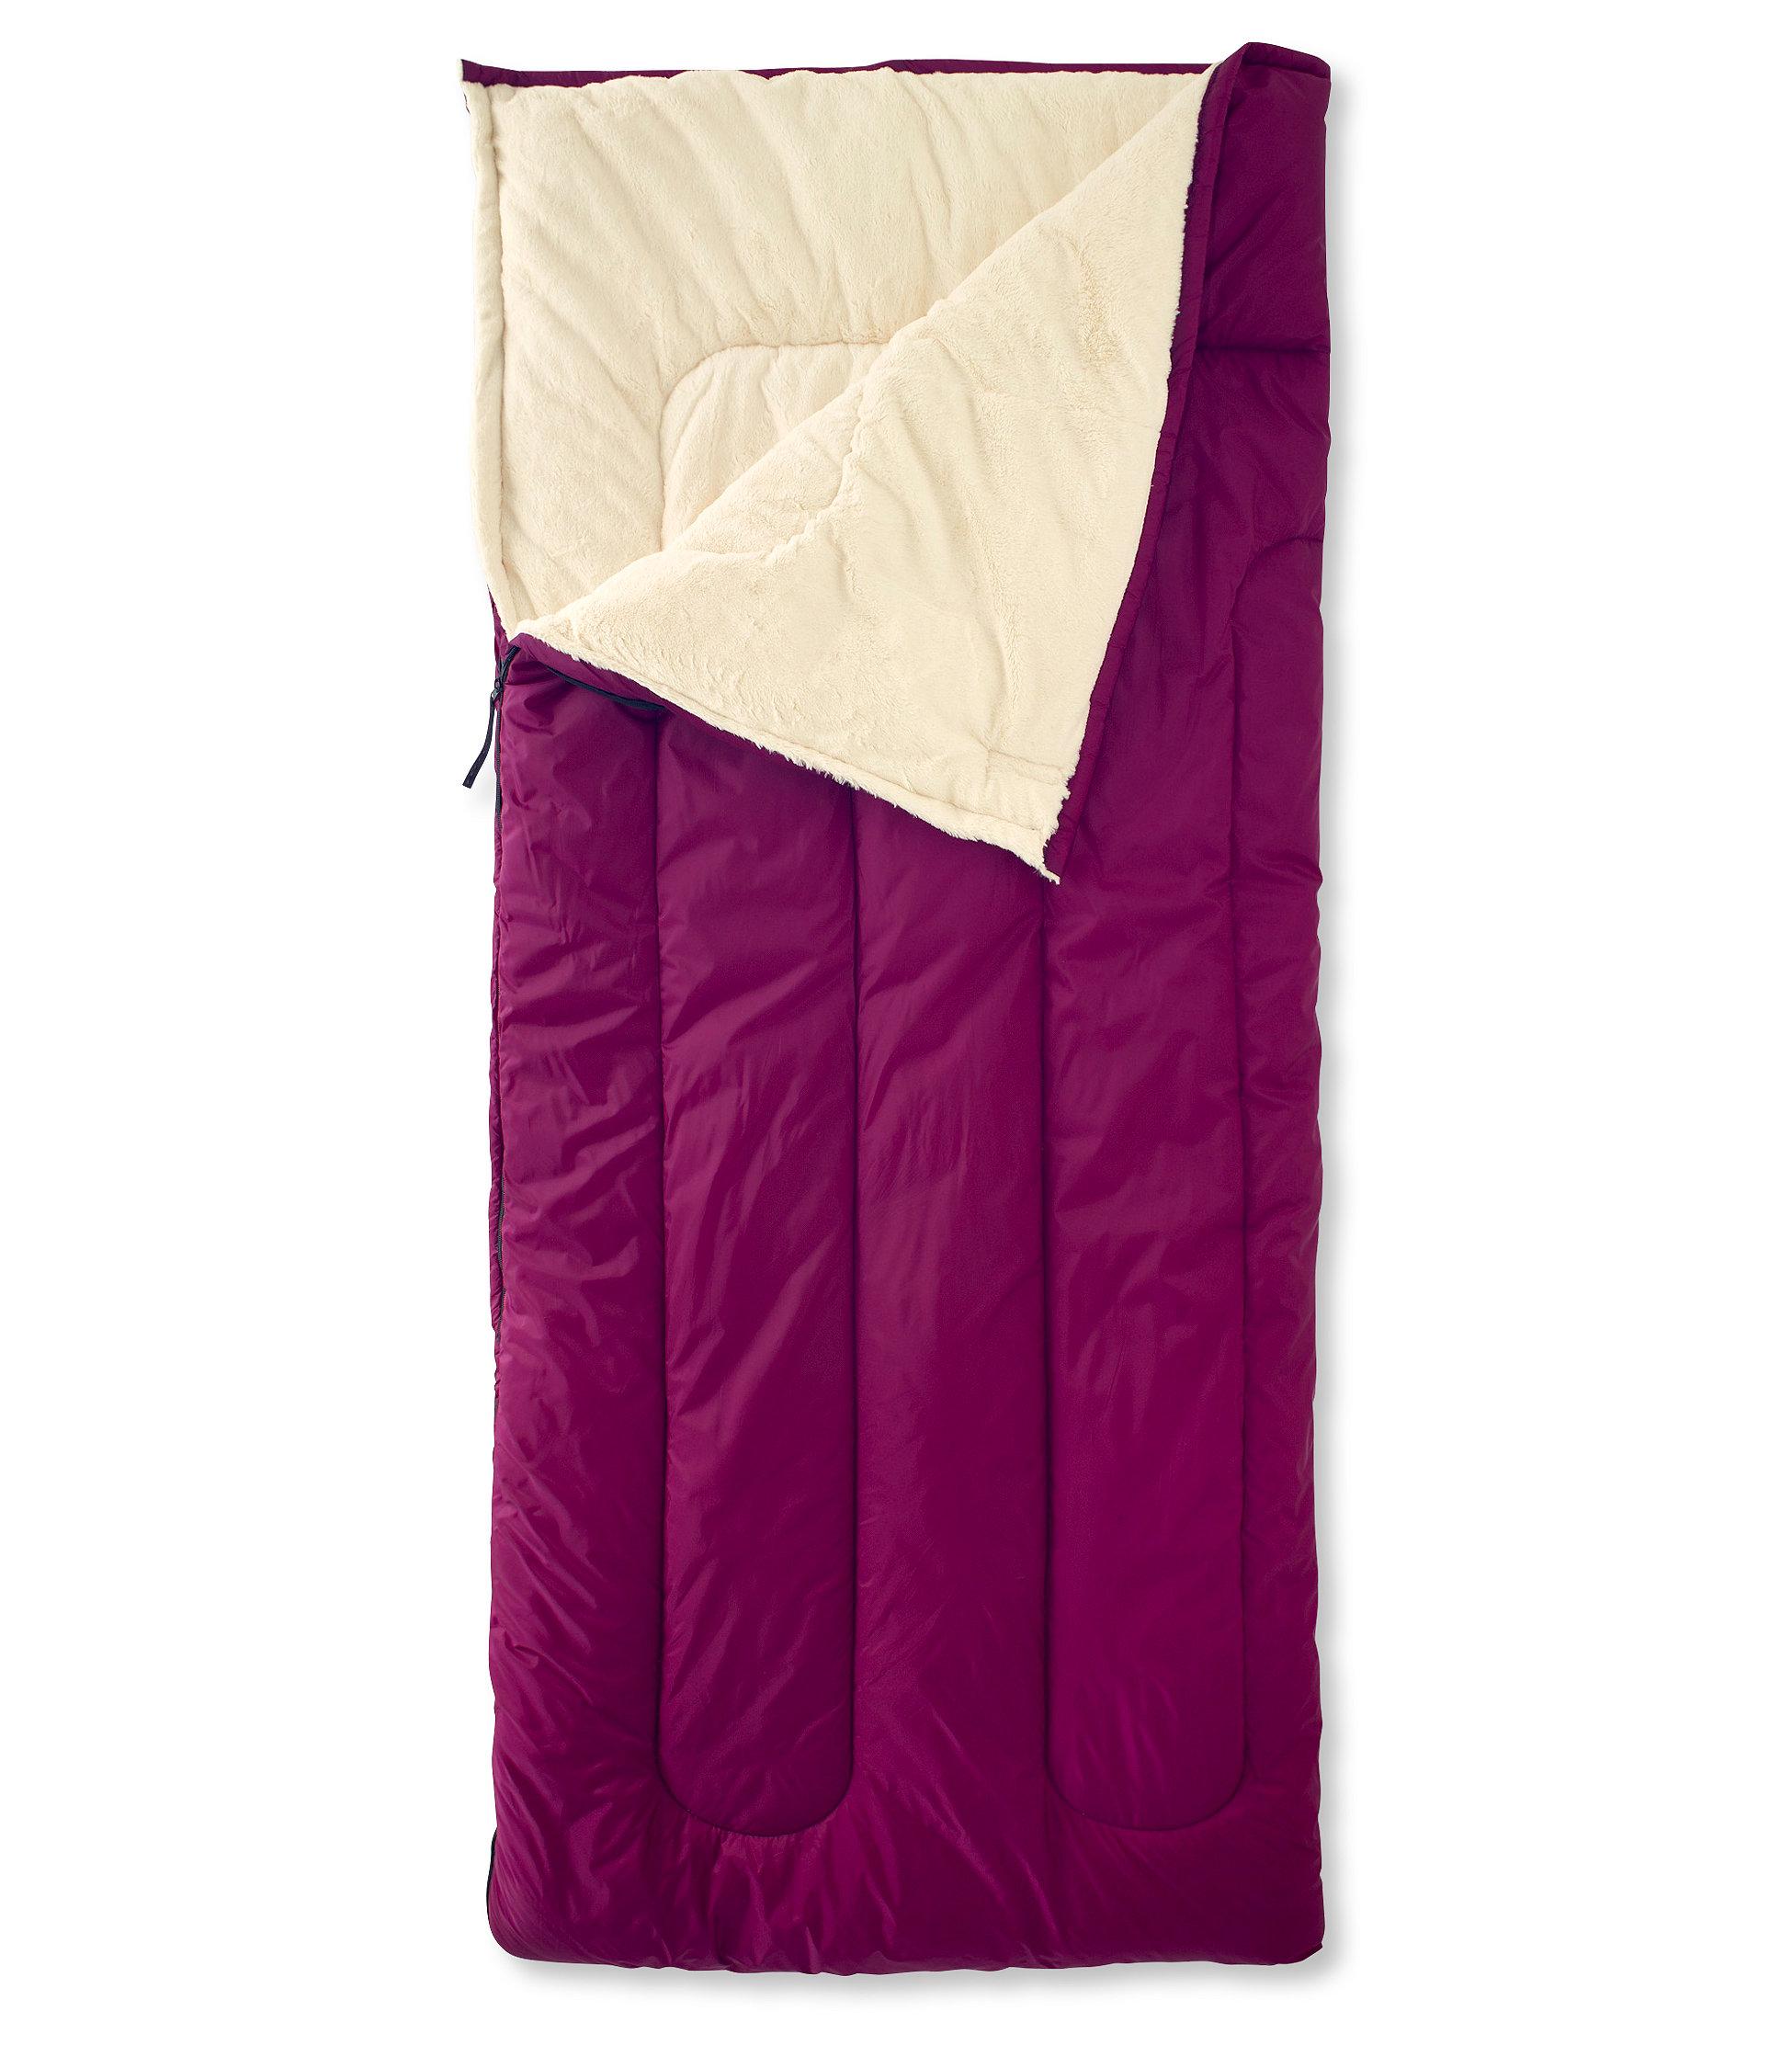 L.L.Bean Ultraplush Camp Sleeping Bag, 40°